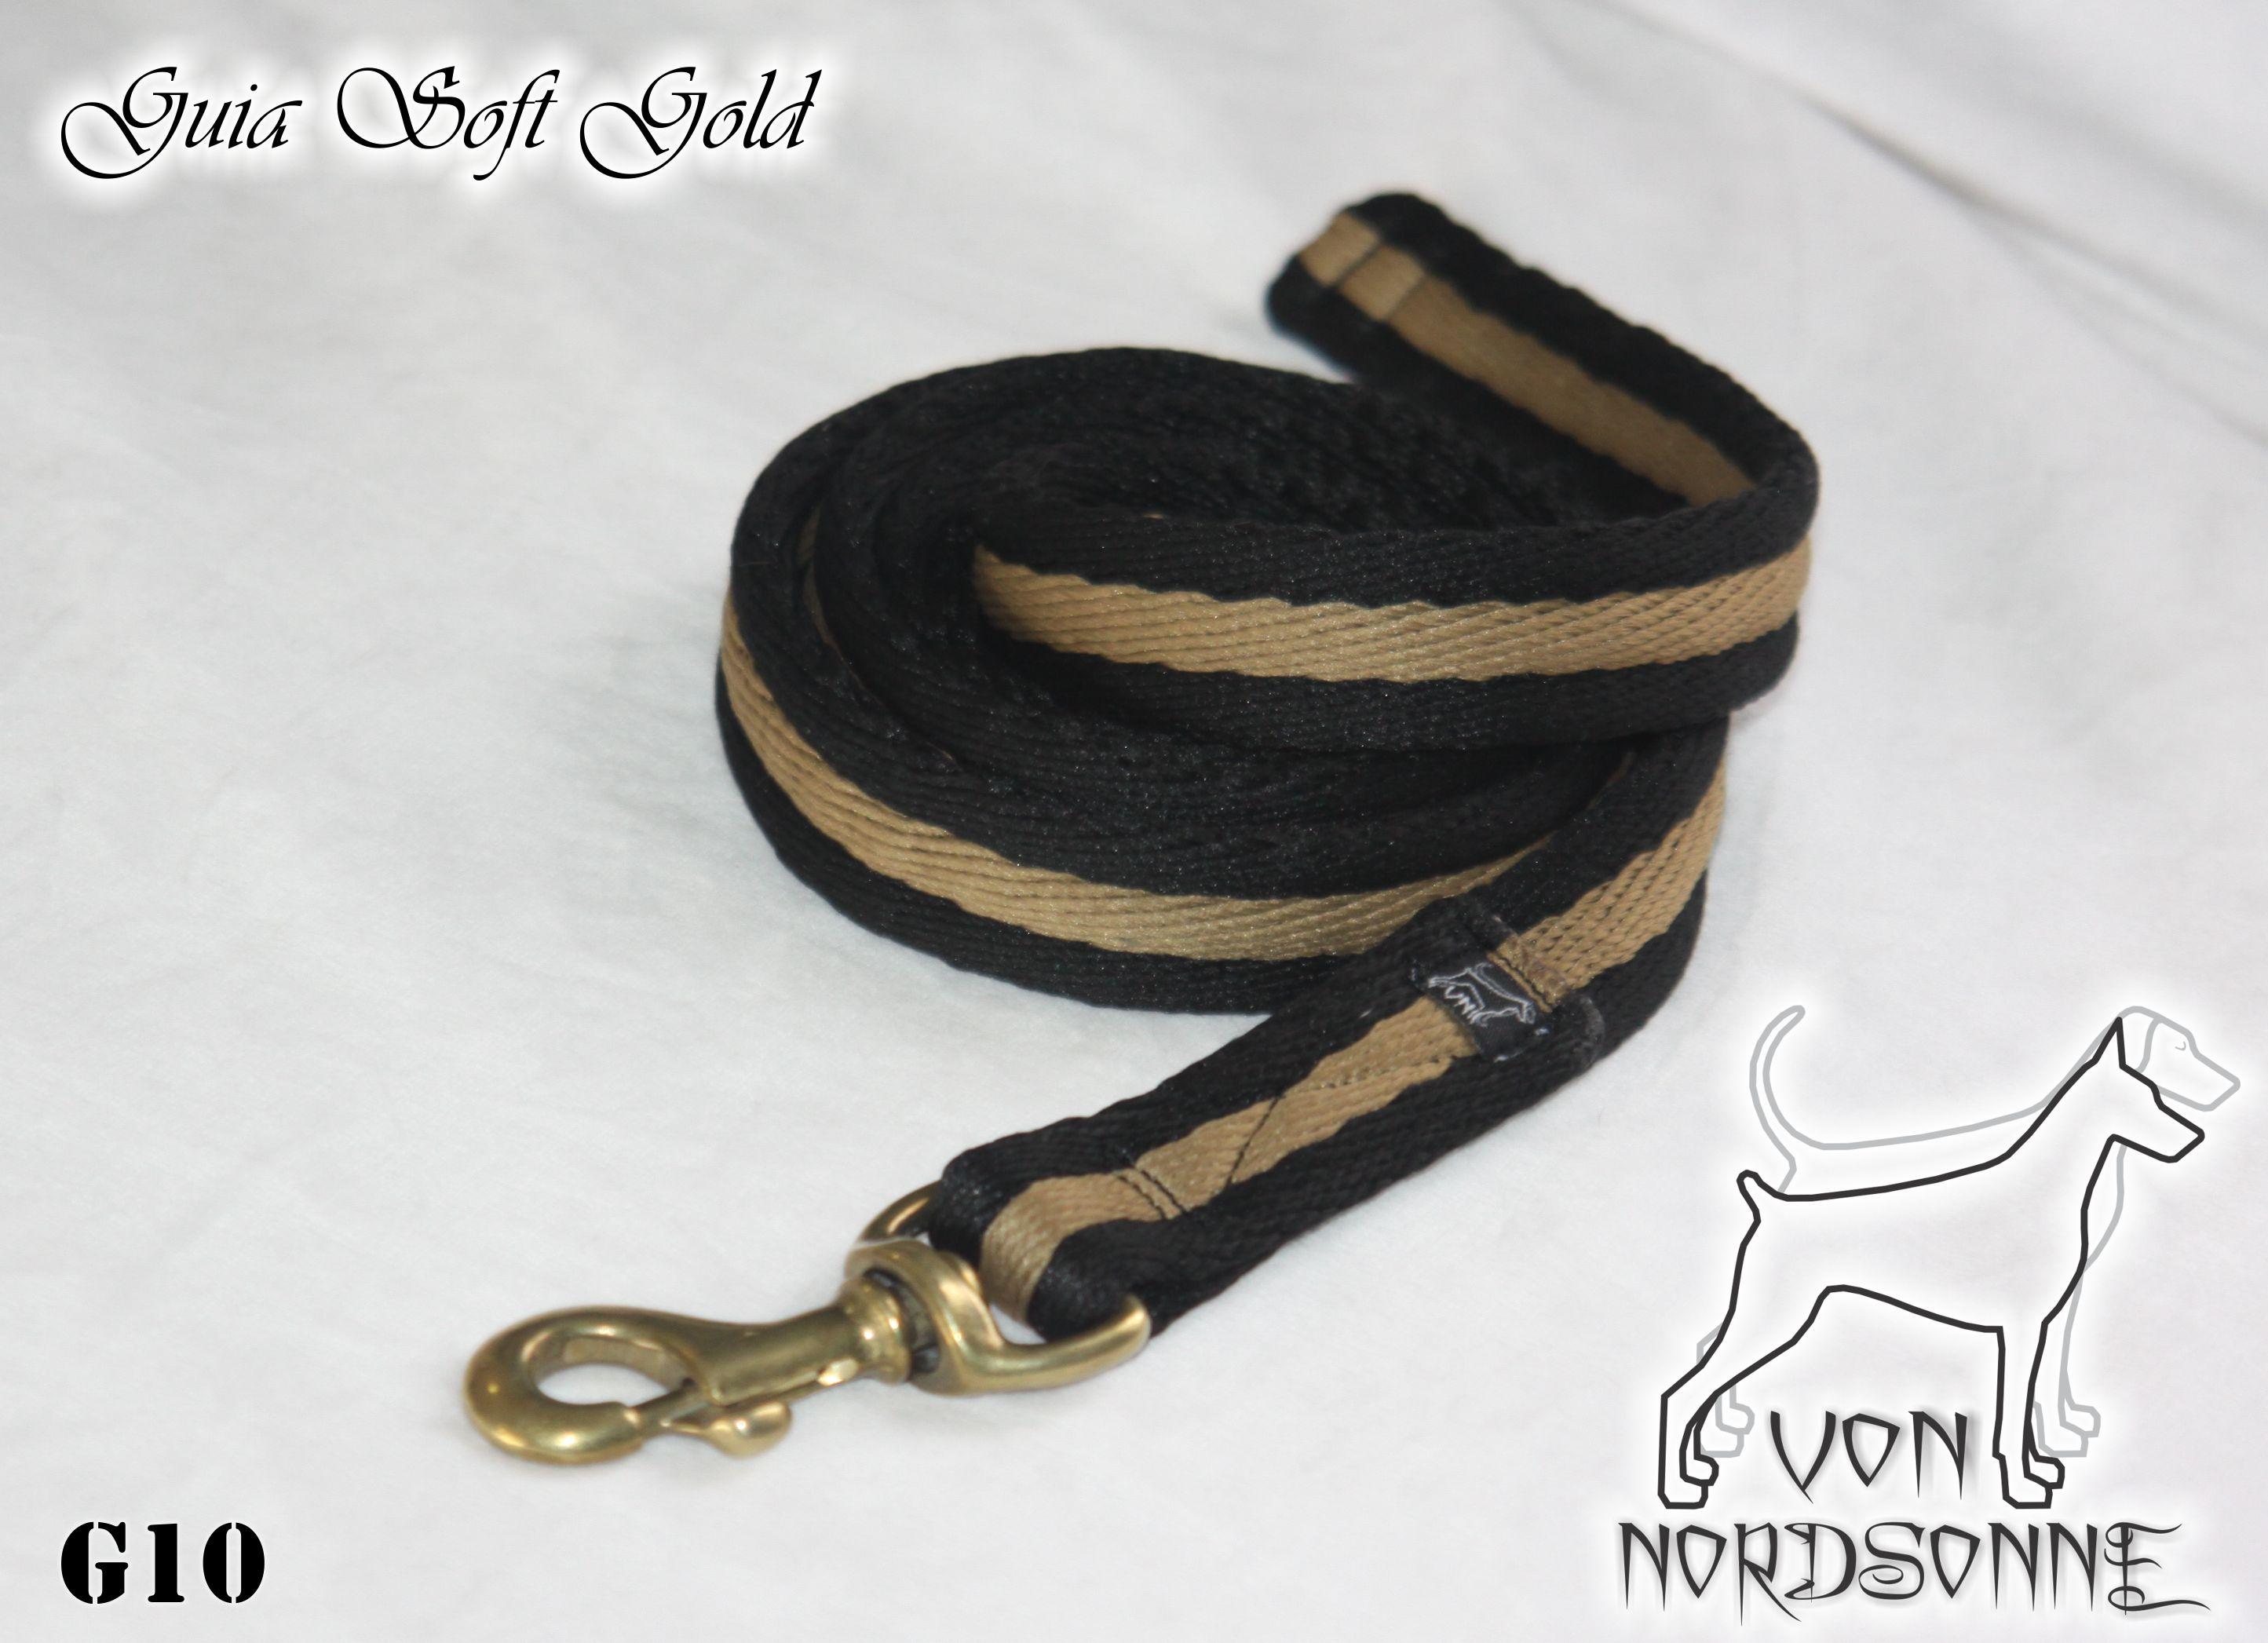 Guia Soft Gold